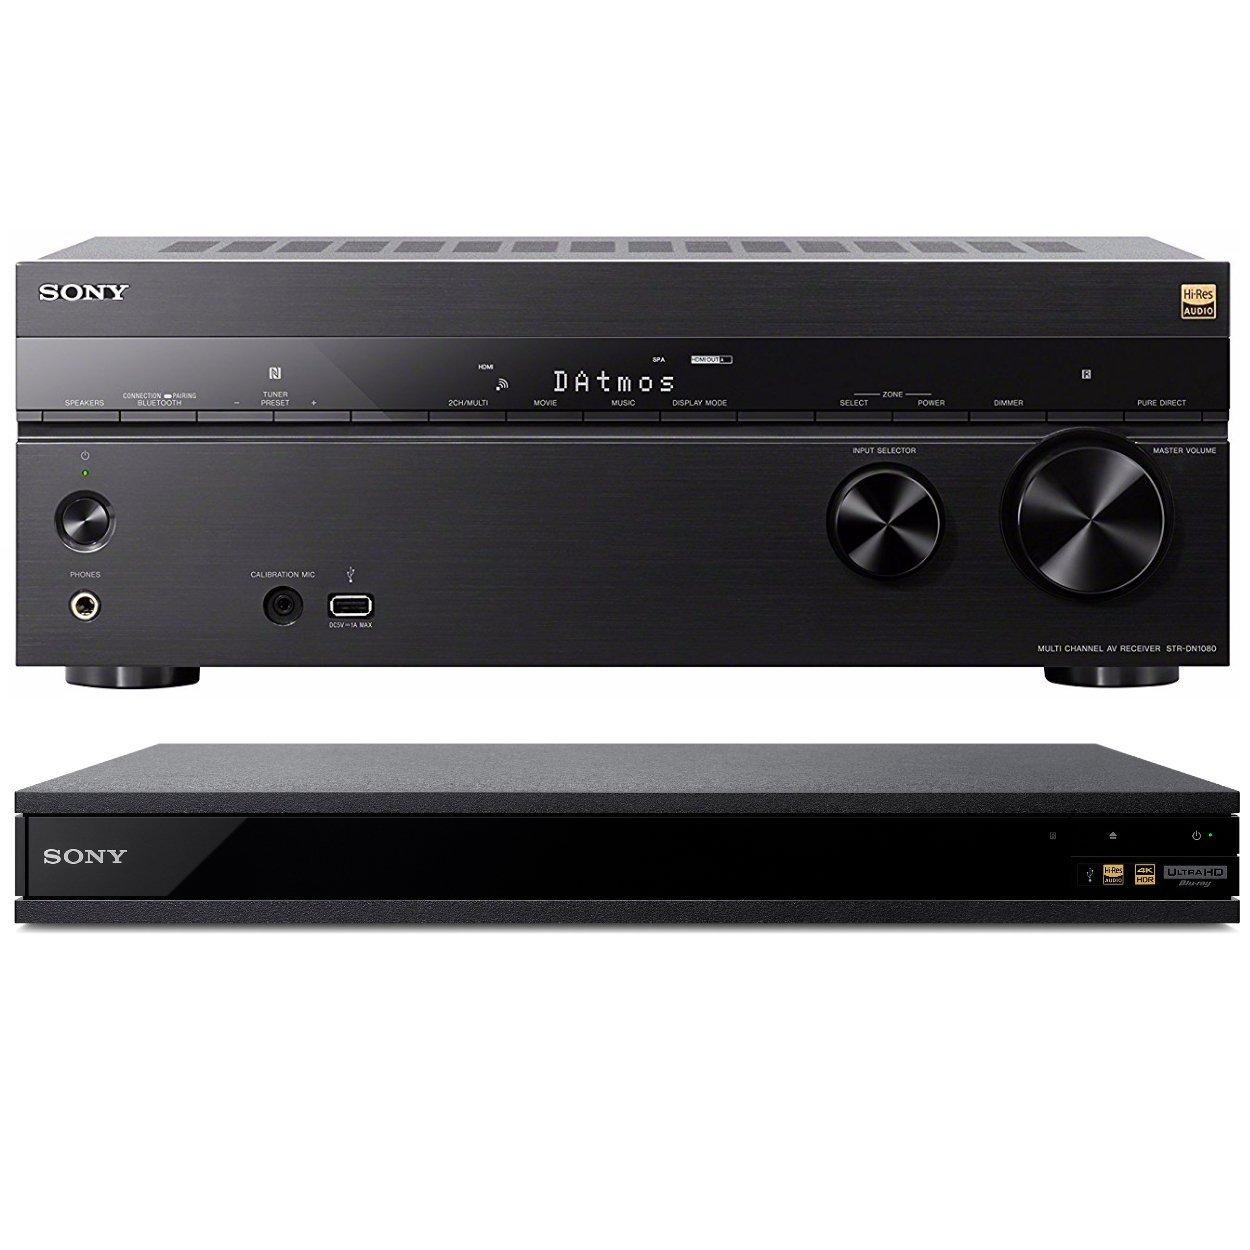 Sony 7.2 Dolby Atmos Wi-Fi Network Receiver Home Theater (STRDN1080) w/Sony UBPX800 4K Ultra HD Blu-ray (2017 by Sony